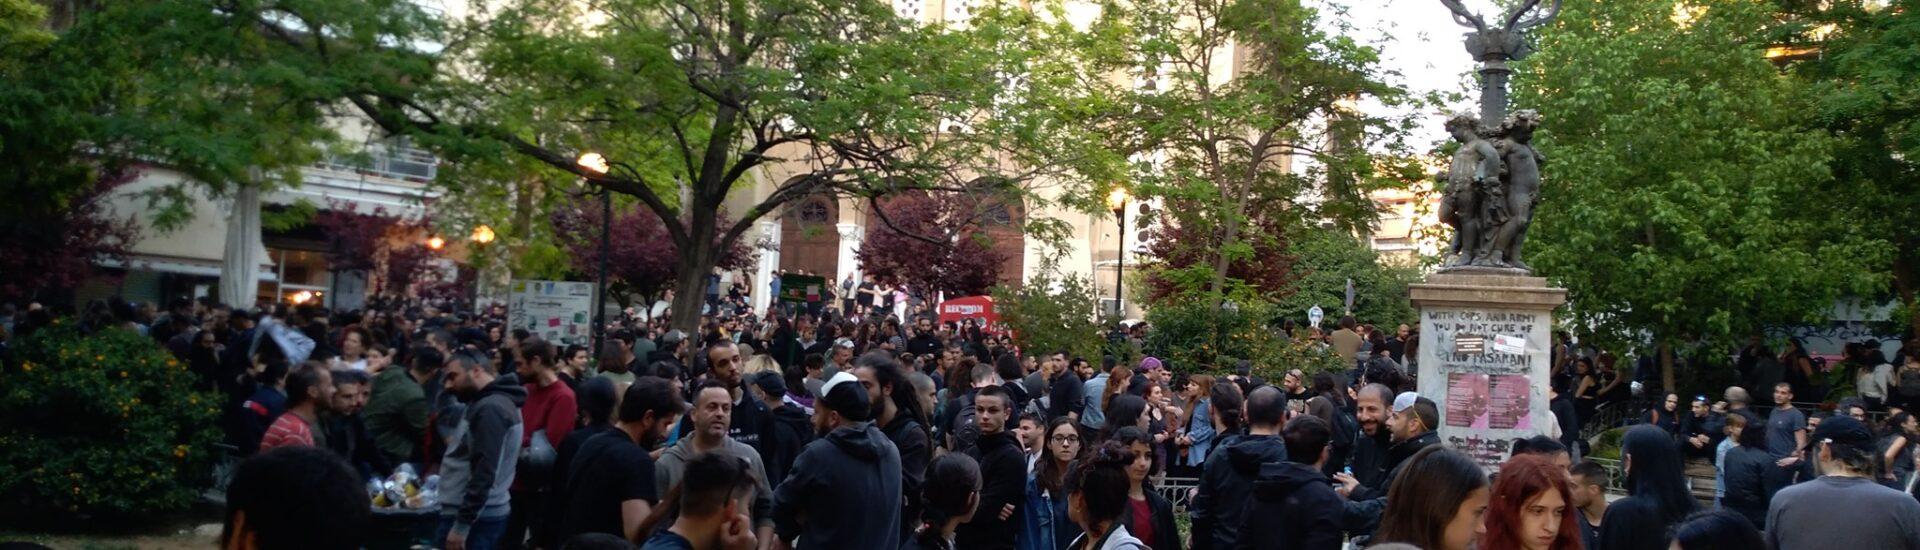 Κυψέλη: Χιλιάδες κόσμου διαδήλωσαν ενάντια στην αστυνομοκρατία